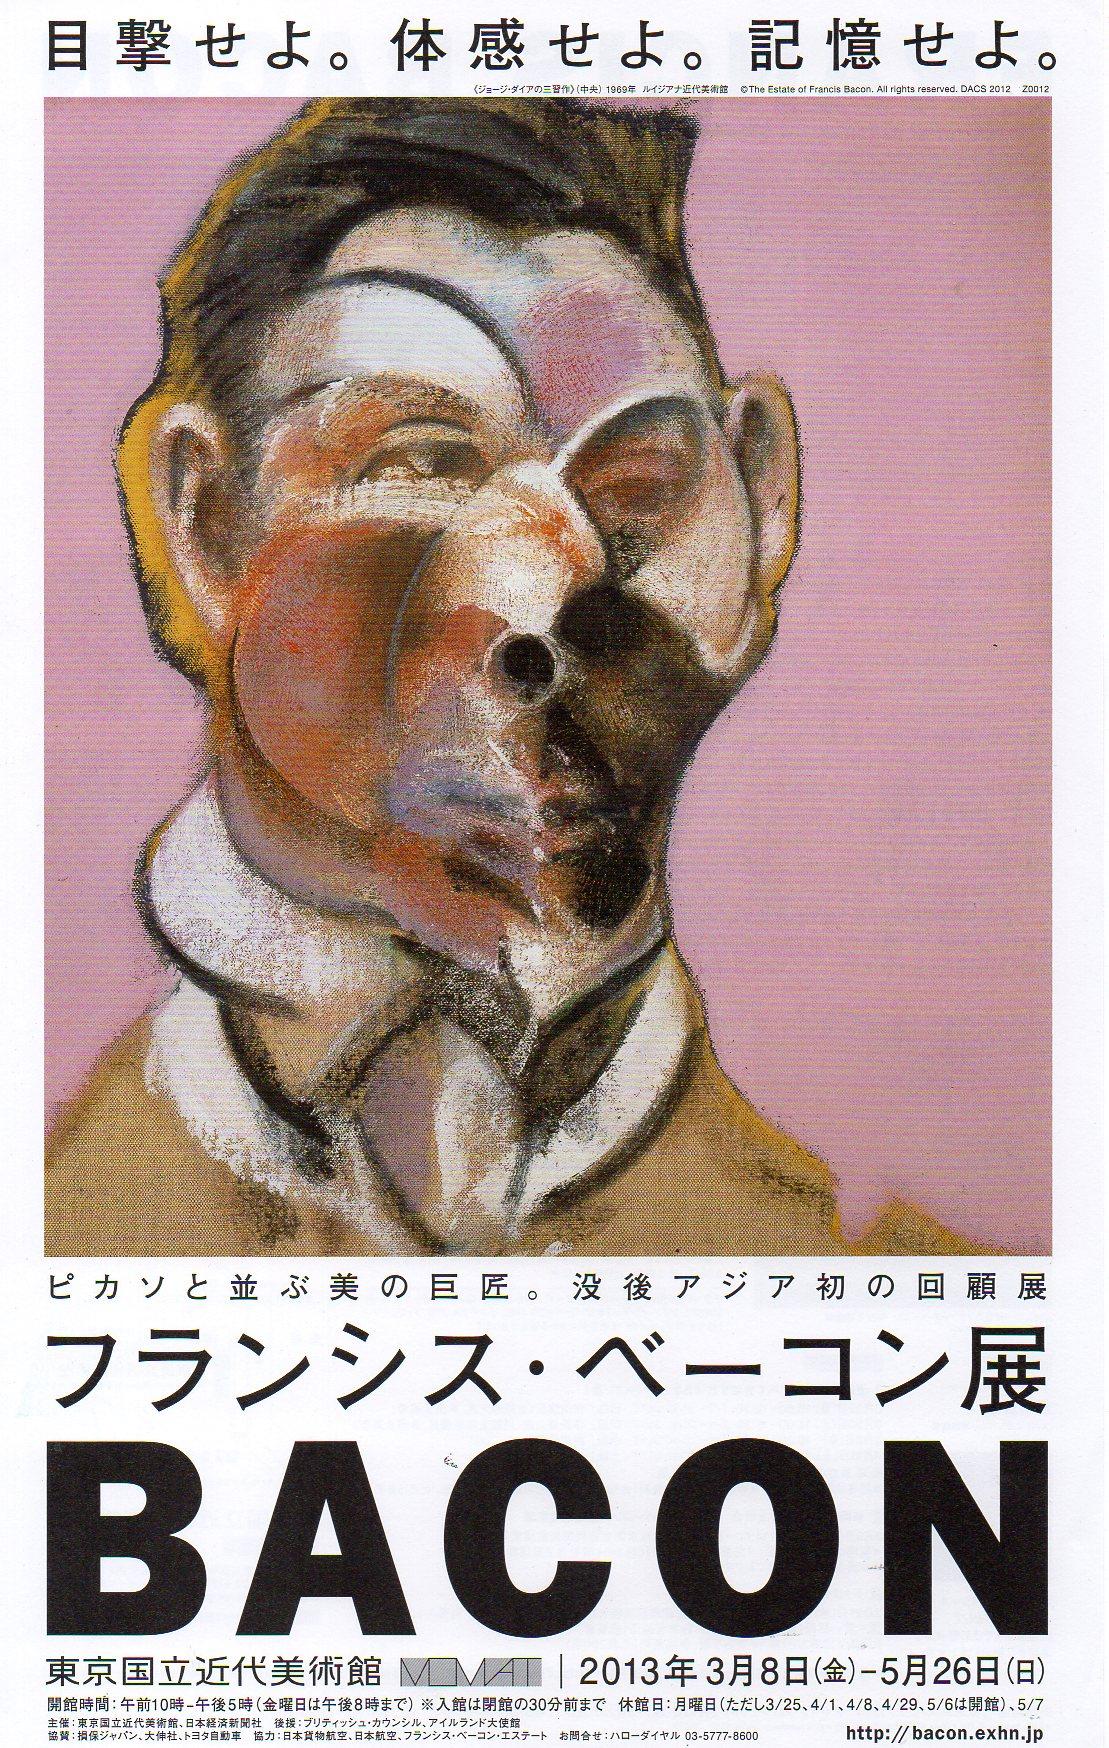 フランシス・ベーコン (芸術家)の画像 p1_19